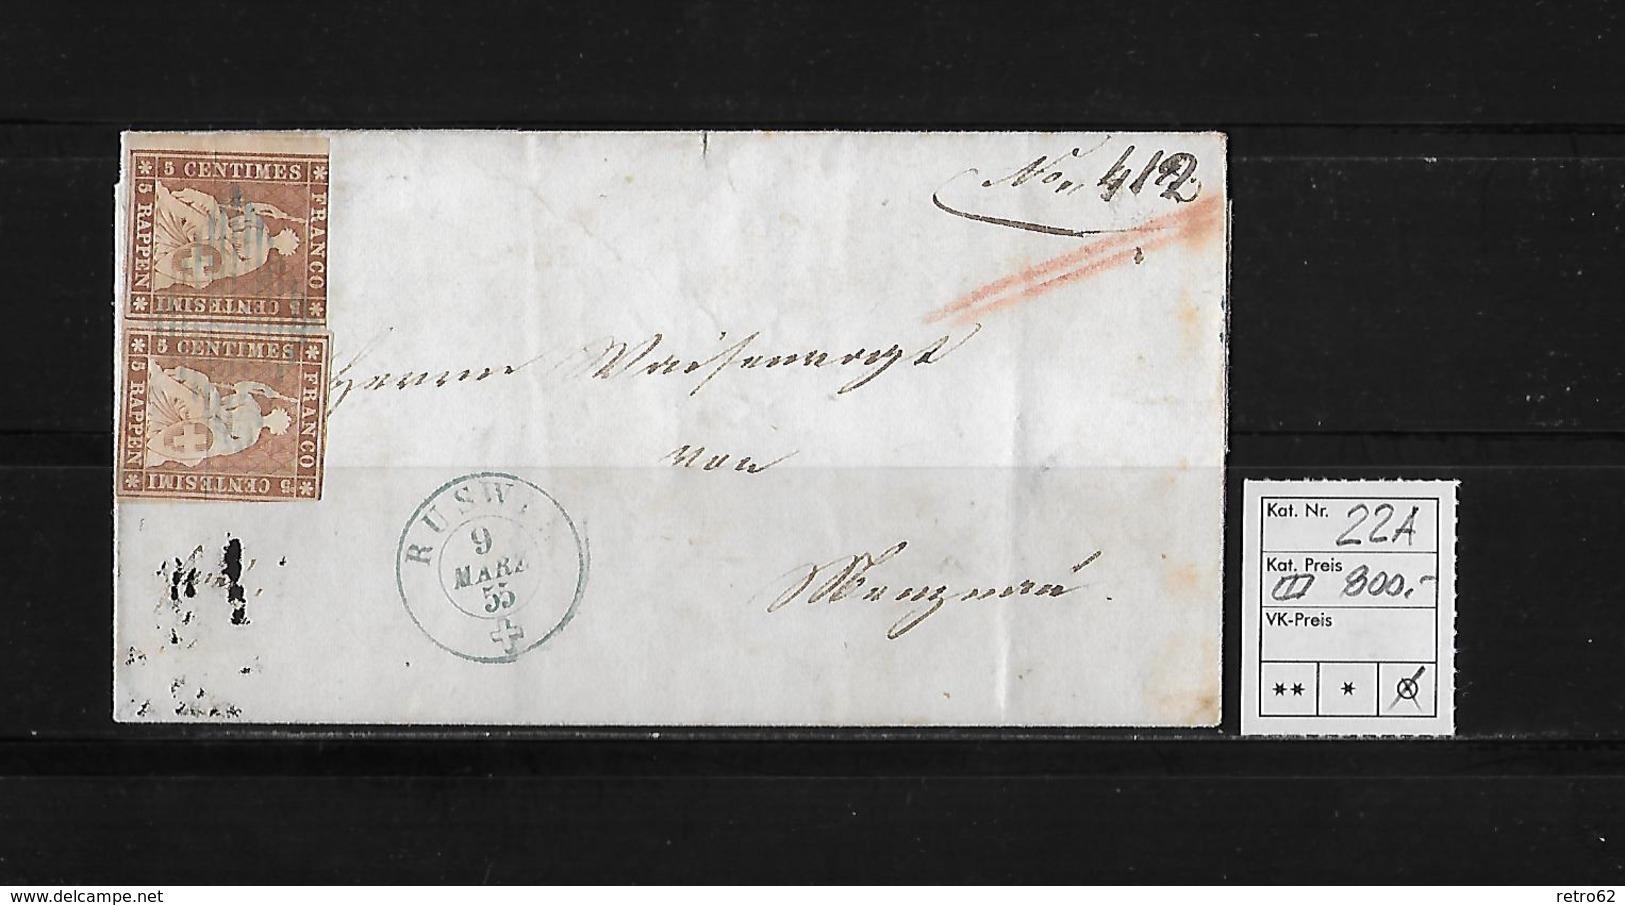 1854-1862 SITZENDE HELVETIA Ungezähnt (Strubel)  → SBK-22A / A3 Ruswil Nach Menznau - 1854-1862 Helvetia (Non-dentelés)